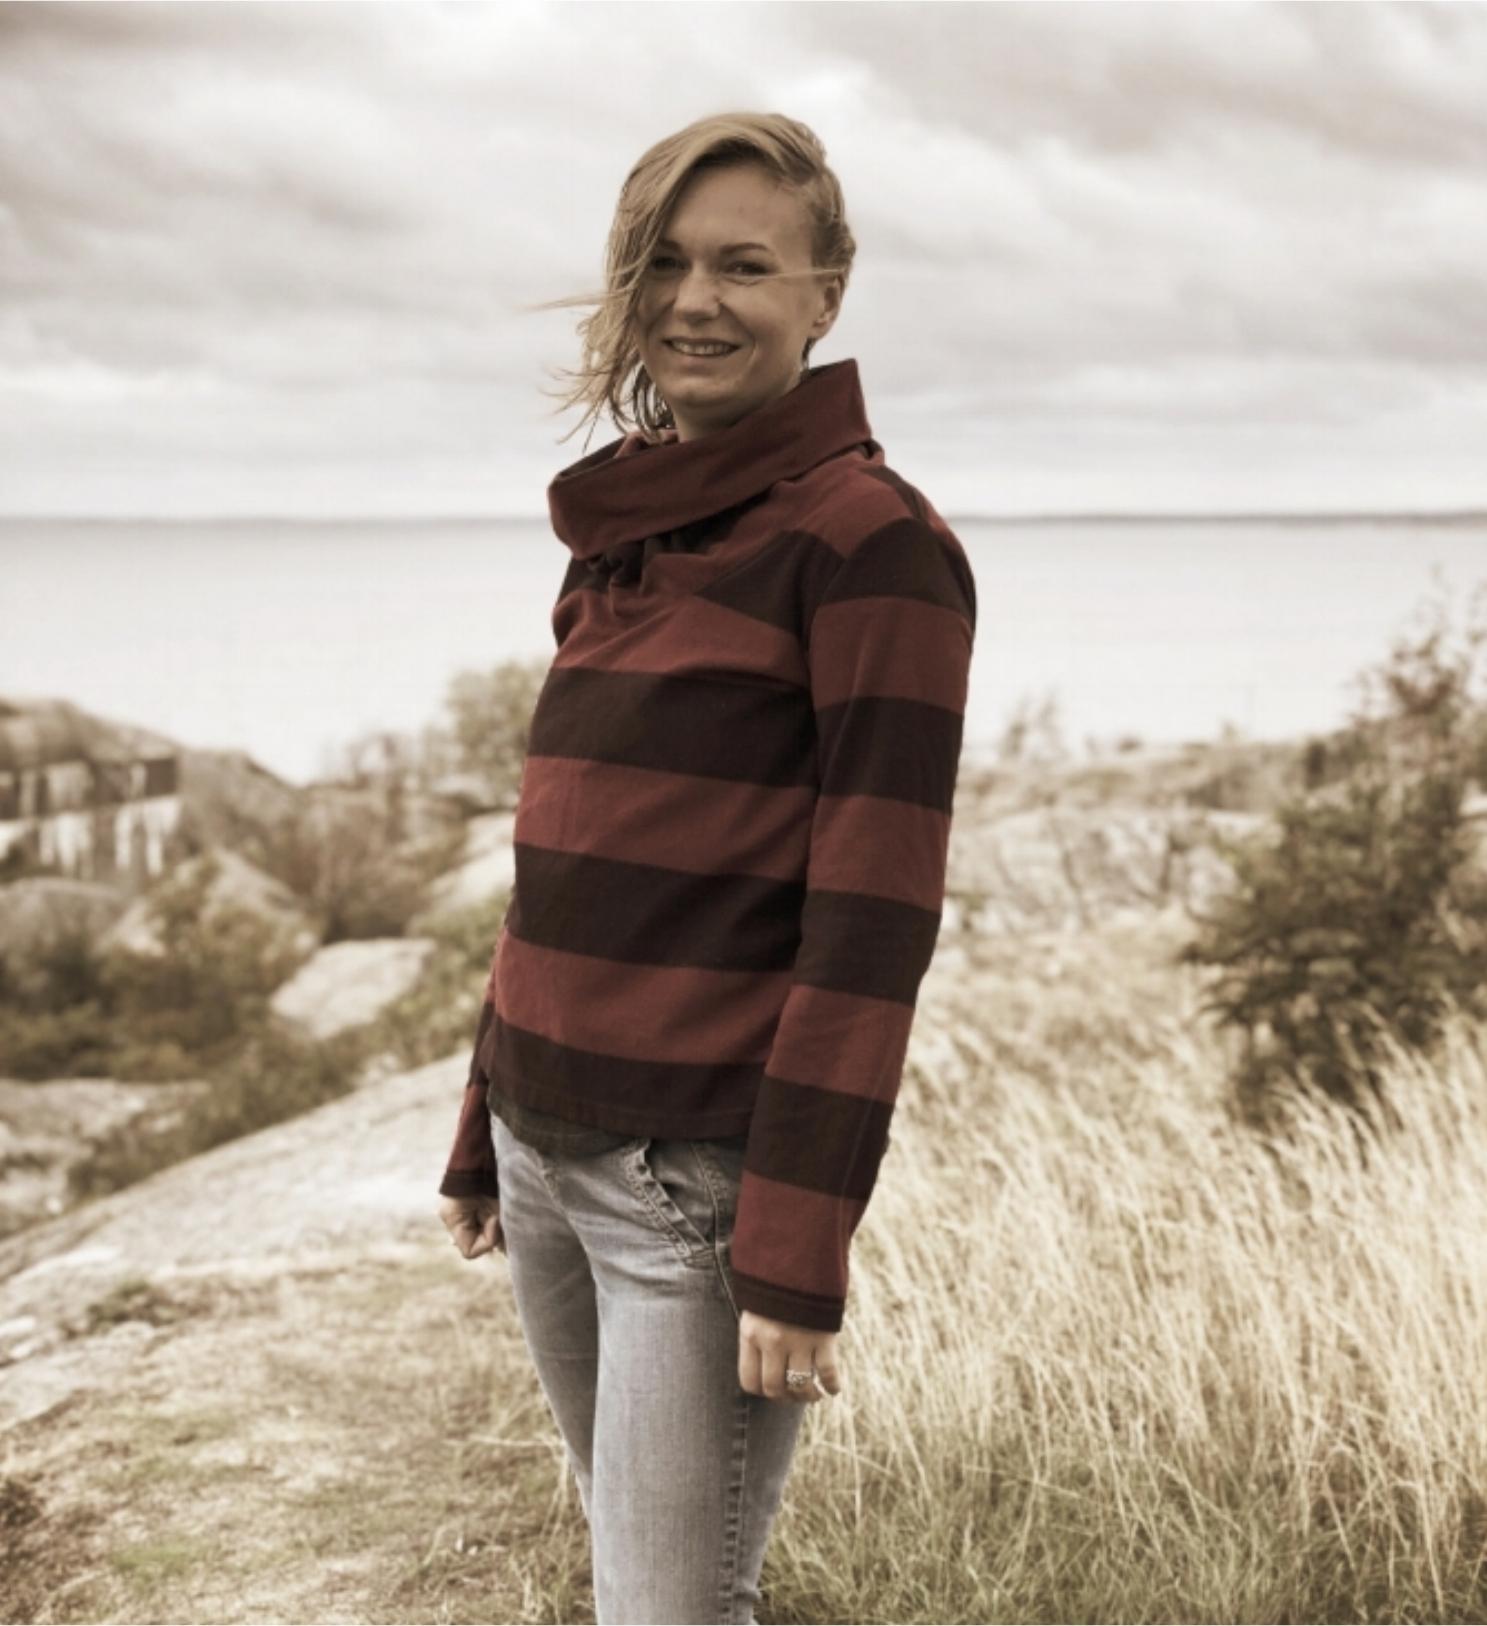 Beata Filipek Gorniok, researcher